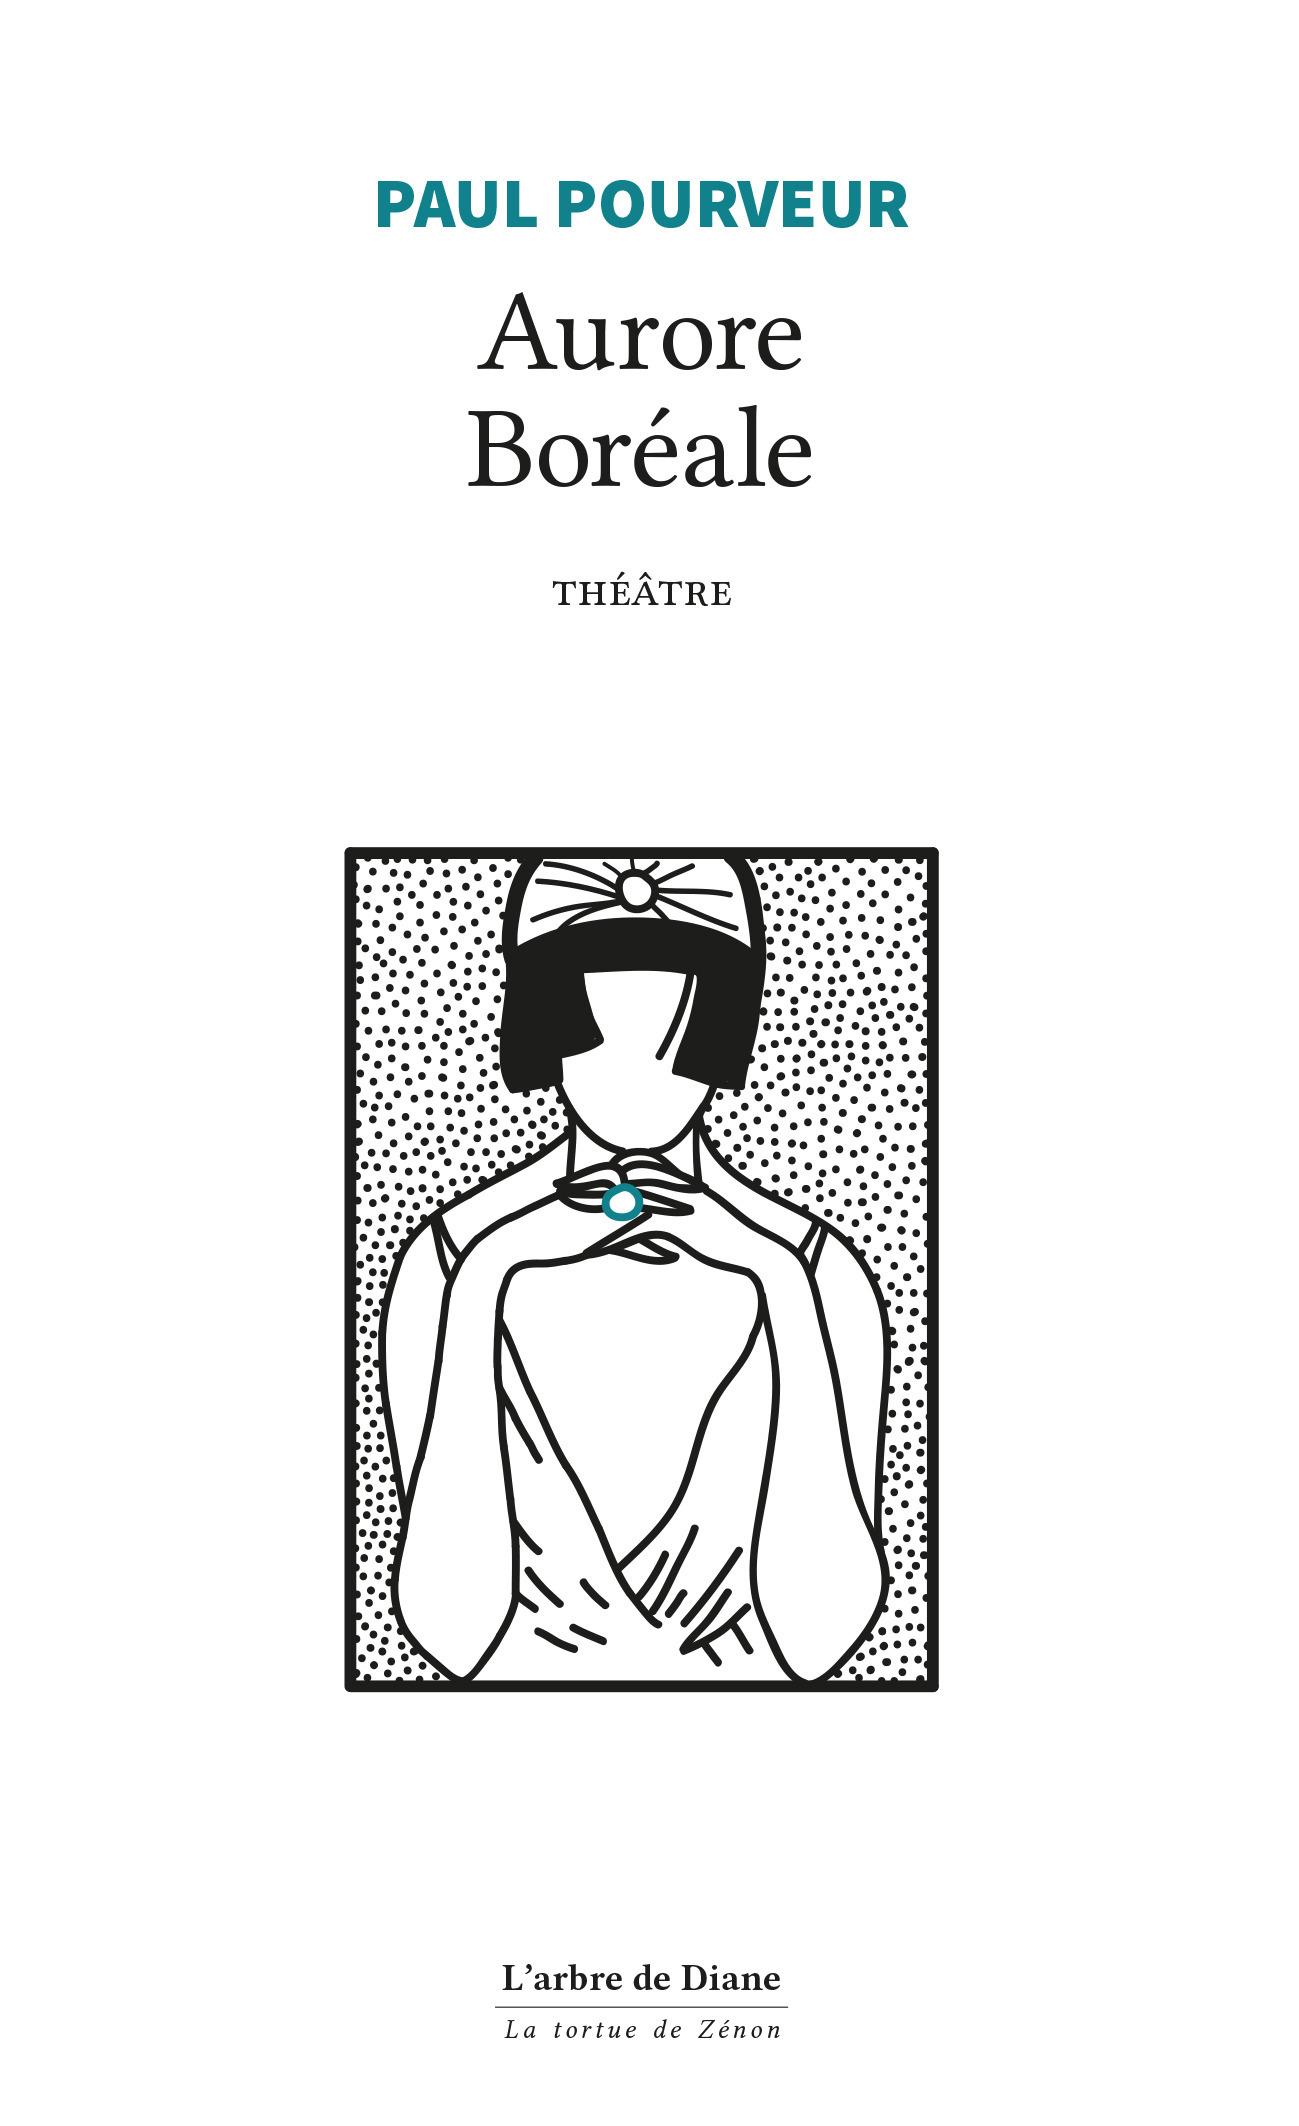 Aurore Boreale